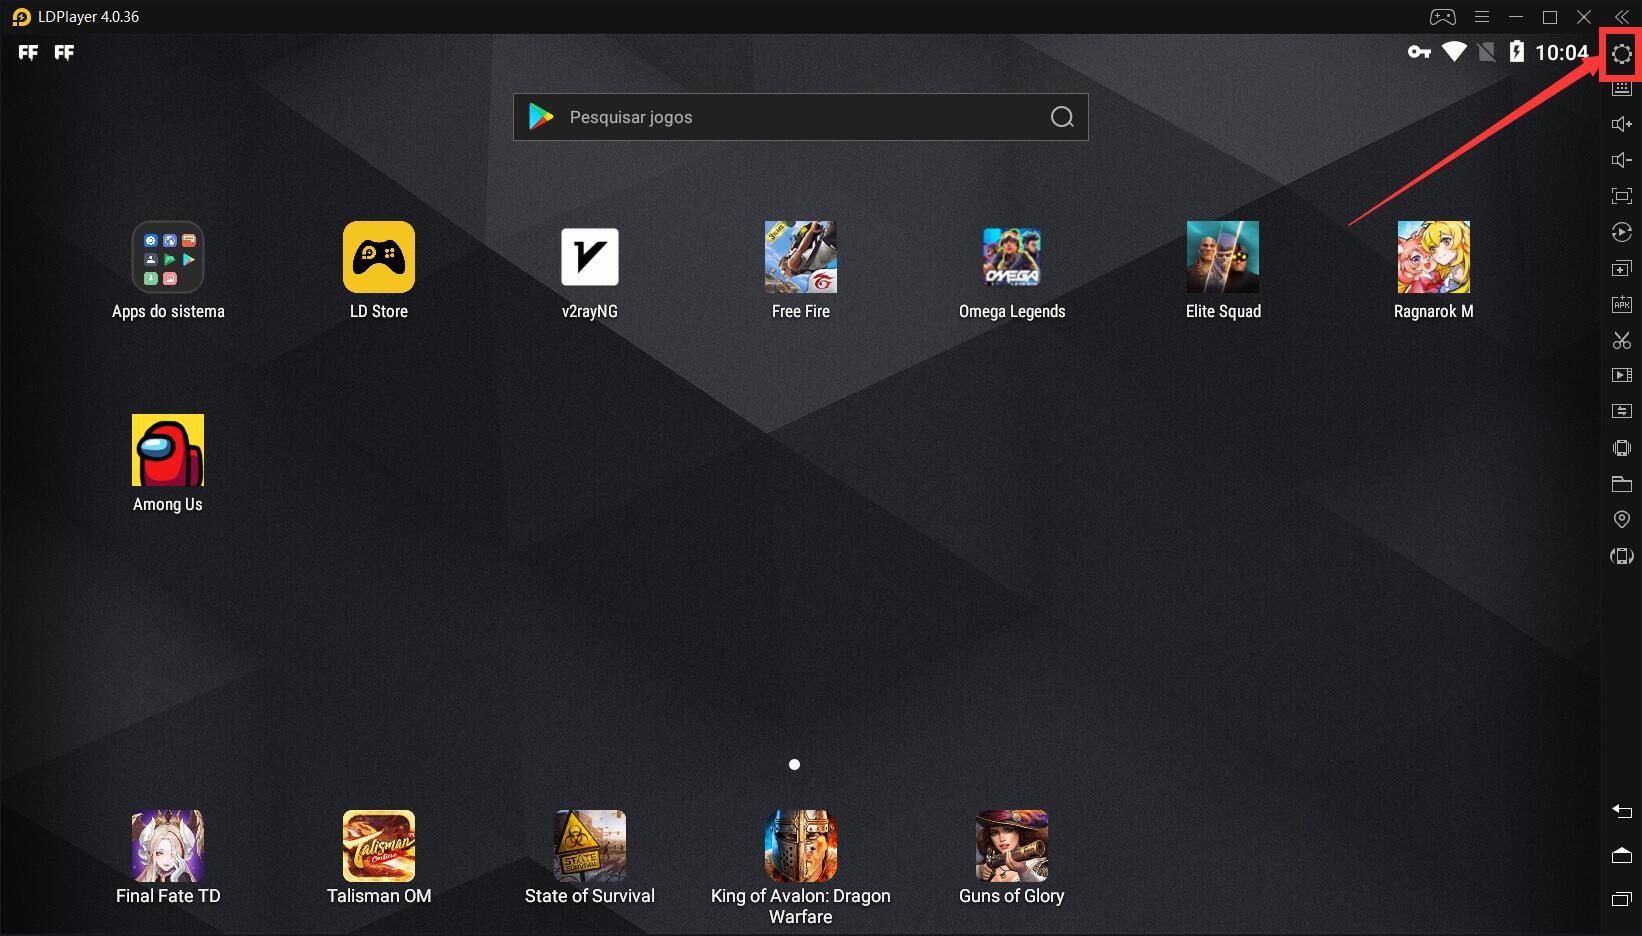 Configurações de alto FPS para jogos Android no emulador